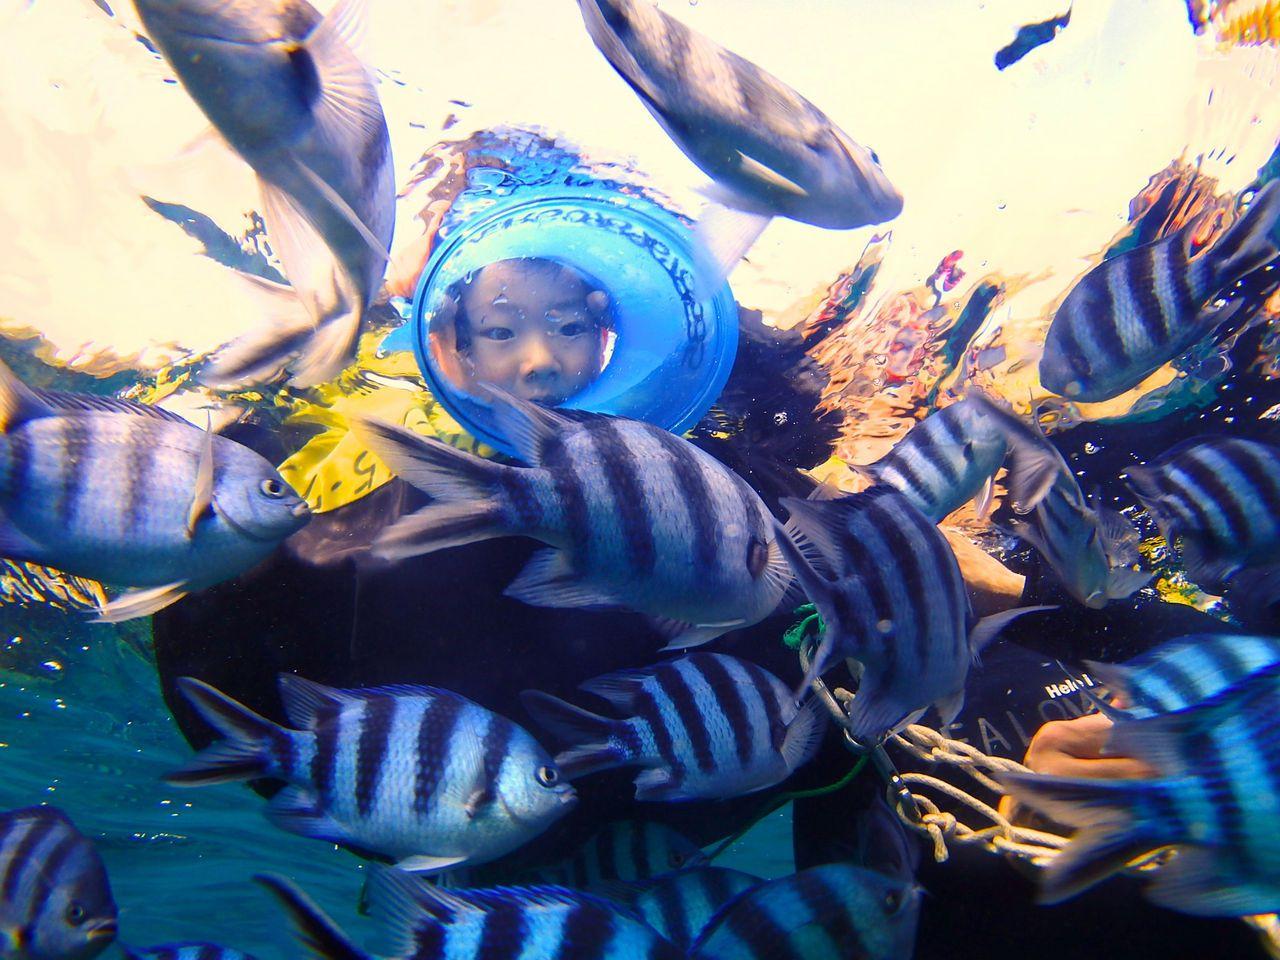 <沖縄・青の洞窟シュノーケリング>ボート利用で安全&楽チン!水中撮影も餌付けも無料の人気ナンバー1ツアー【1日5回/満3歳以上】<1回目/8:00~10:30>青の洞窟体験ボートシュノーケリング